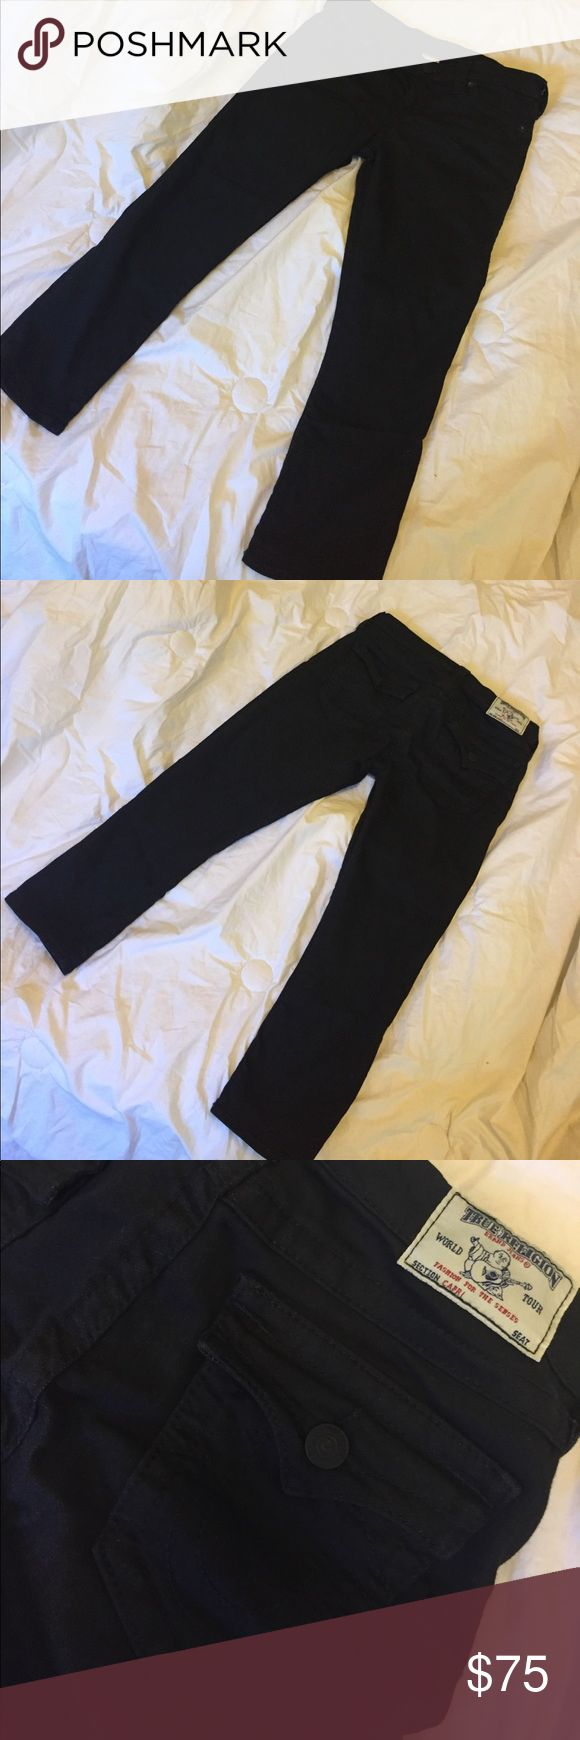 True Religion Black Women's Capri Jeans True Religion Black Women's Capri Cropped Seamed Jeans  Size Type: Regular Bottoms Size (Women's): 29 Style: Capri, Cropped Wash: Black  Rise: Mid-Rise Material: Cotton Blends True Religion Jeans Ankle & Cropped